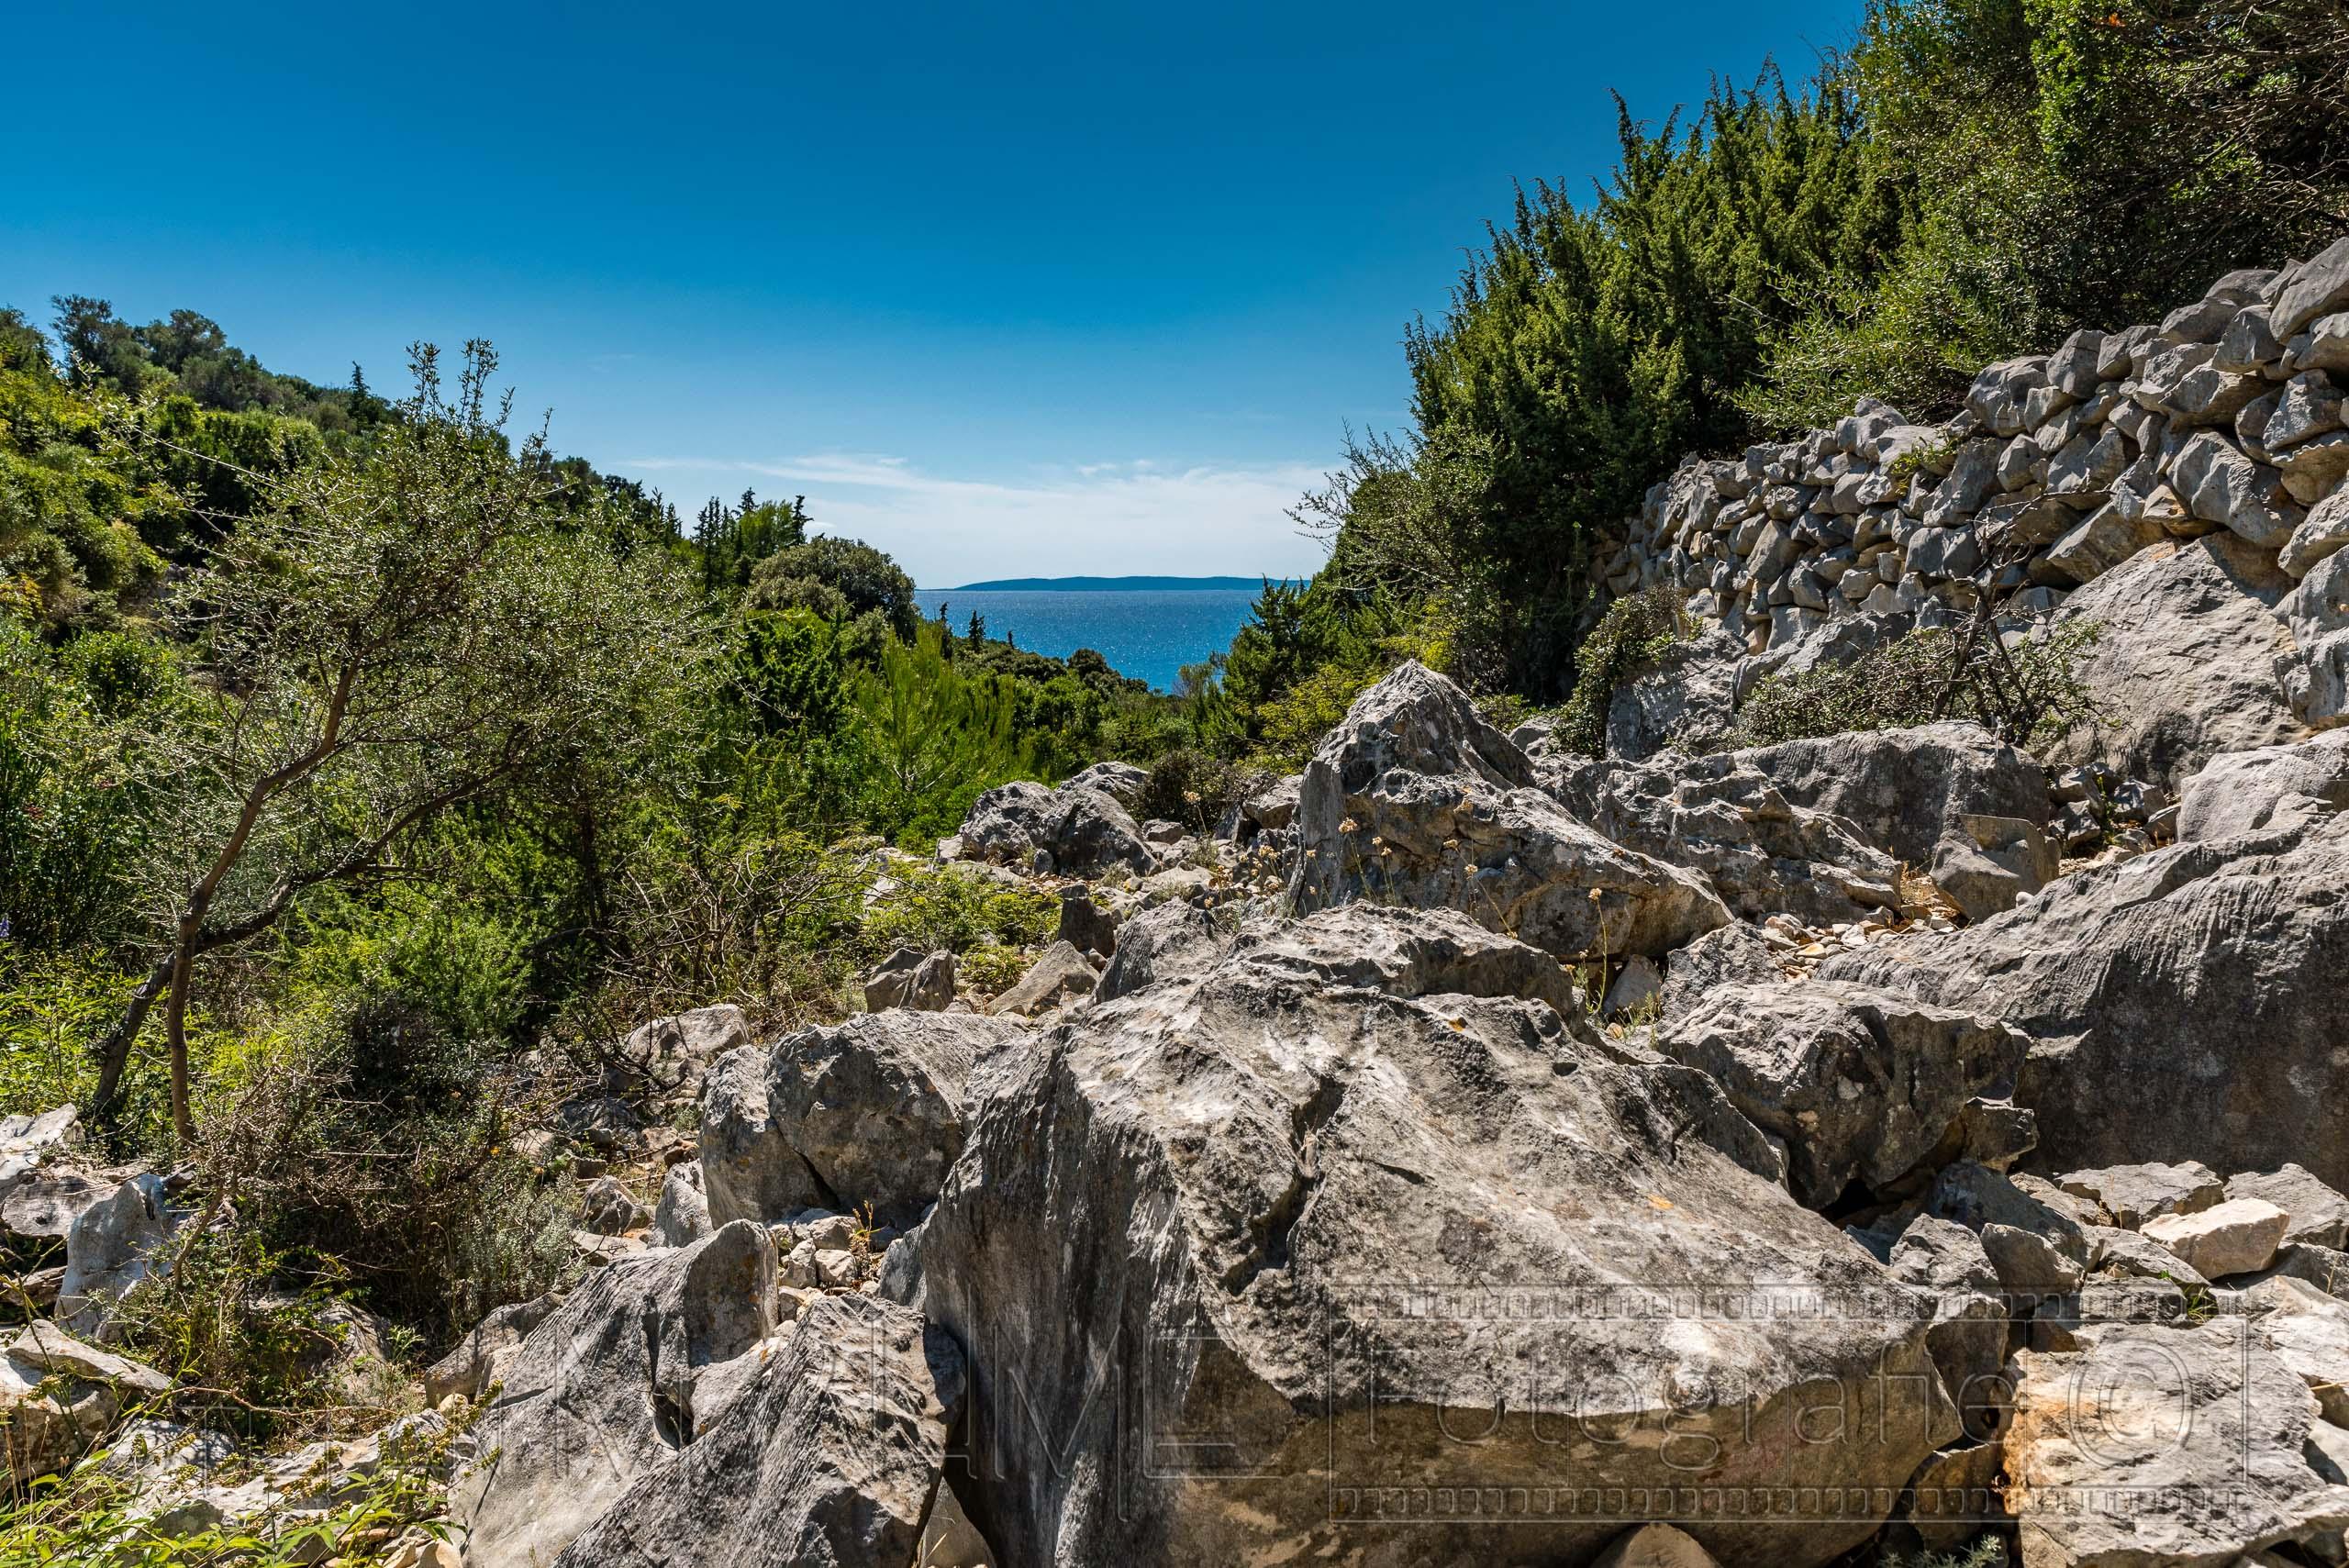 Kroatien Pag, Wanderung durch den Park der Olivenbäume in Lun.